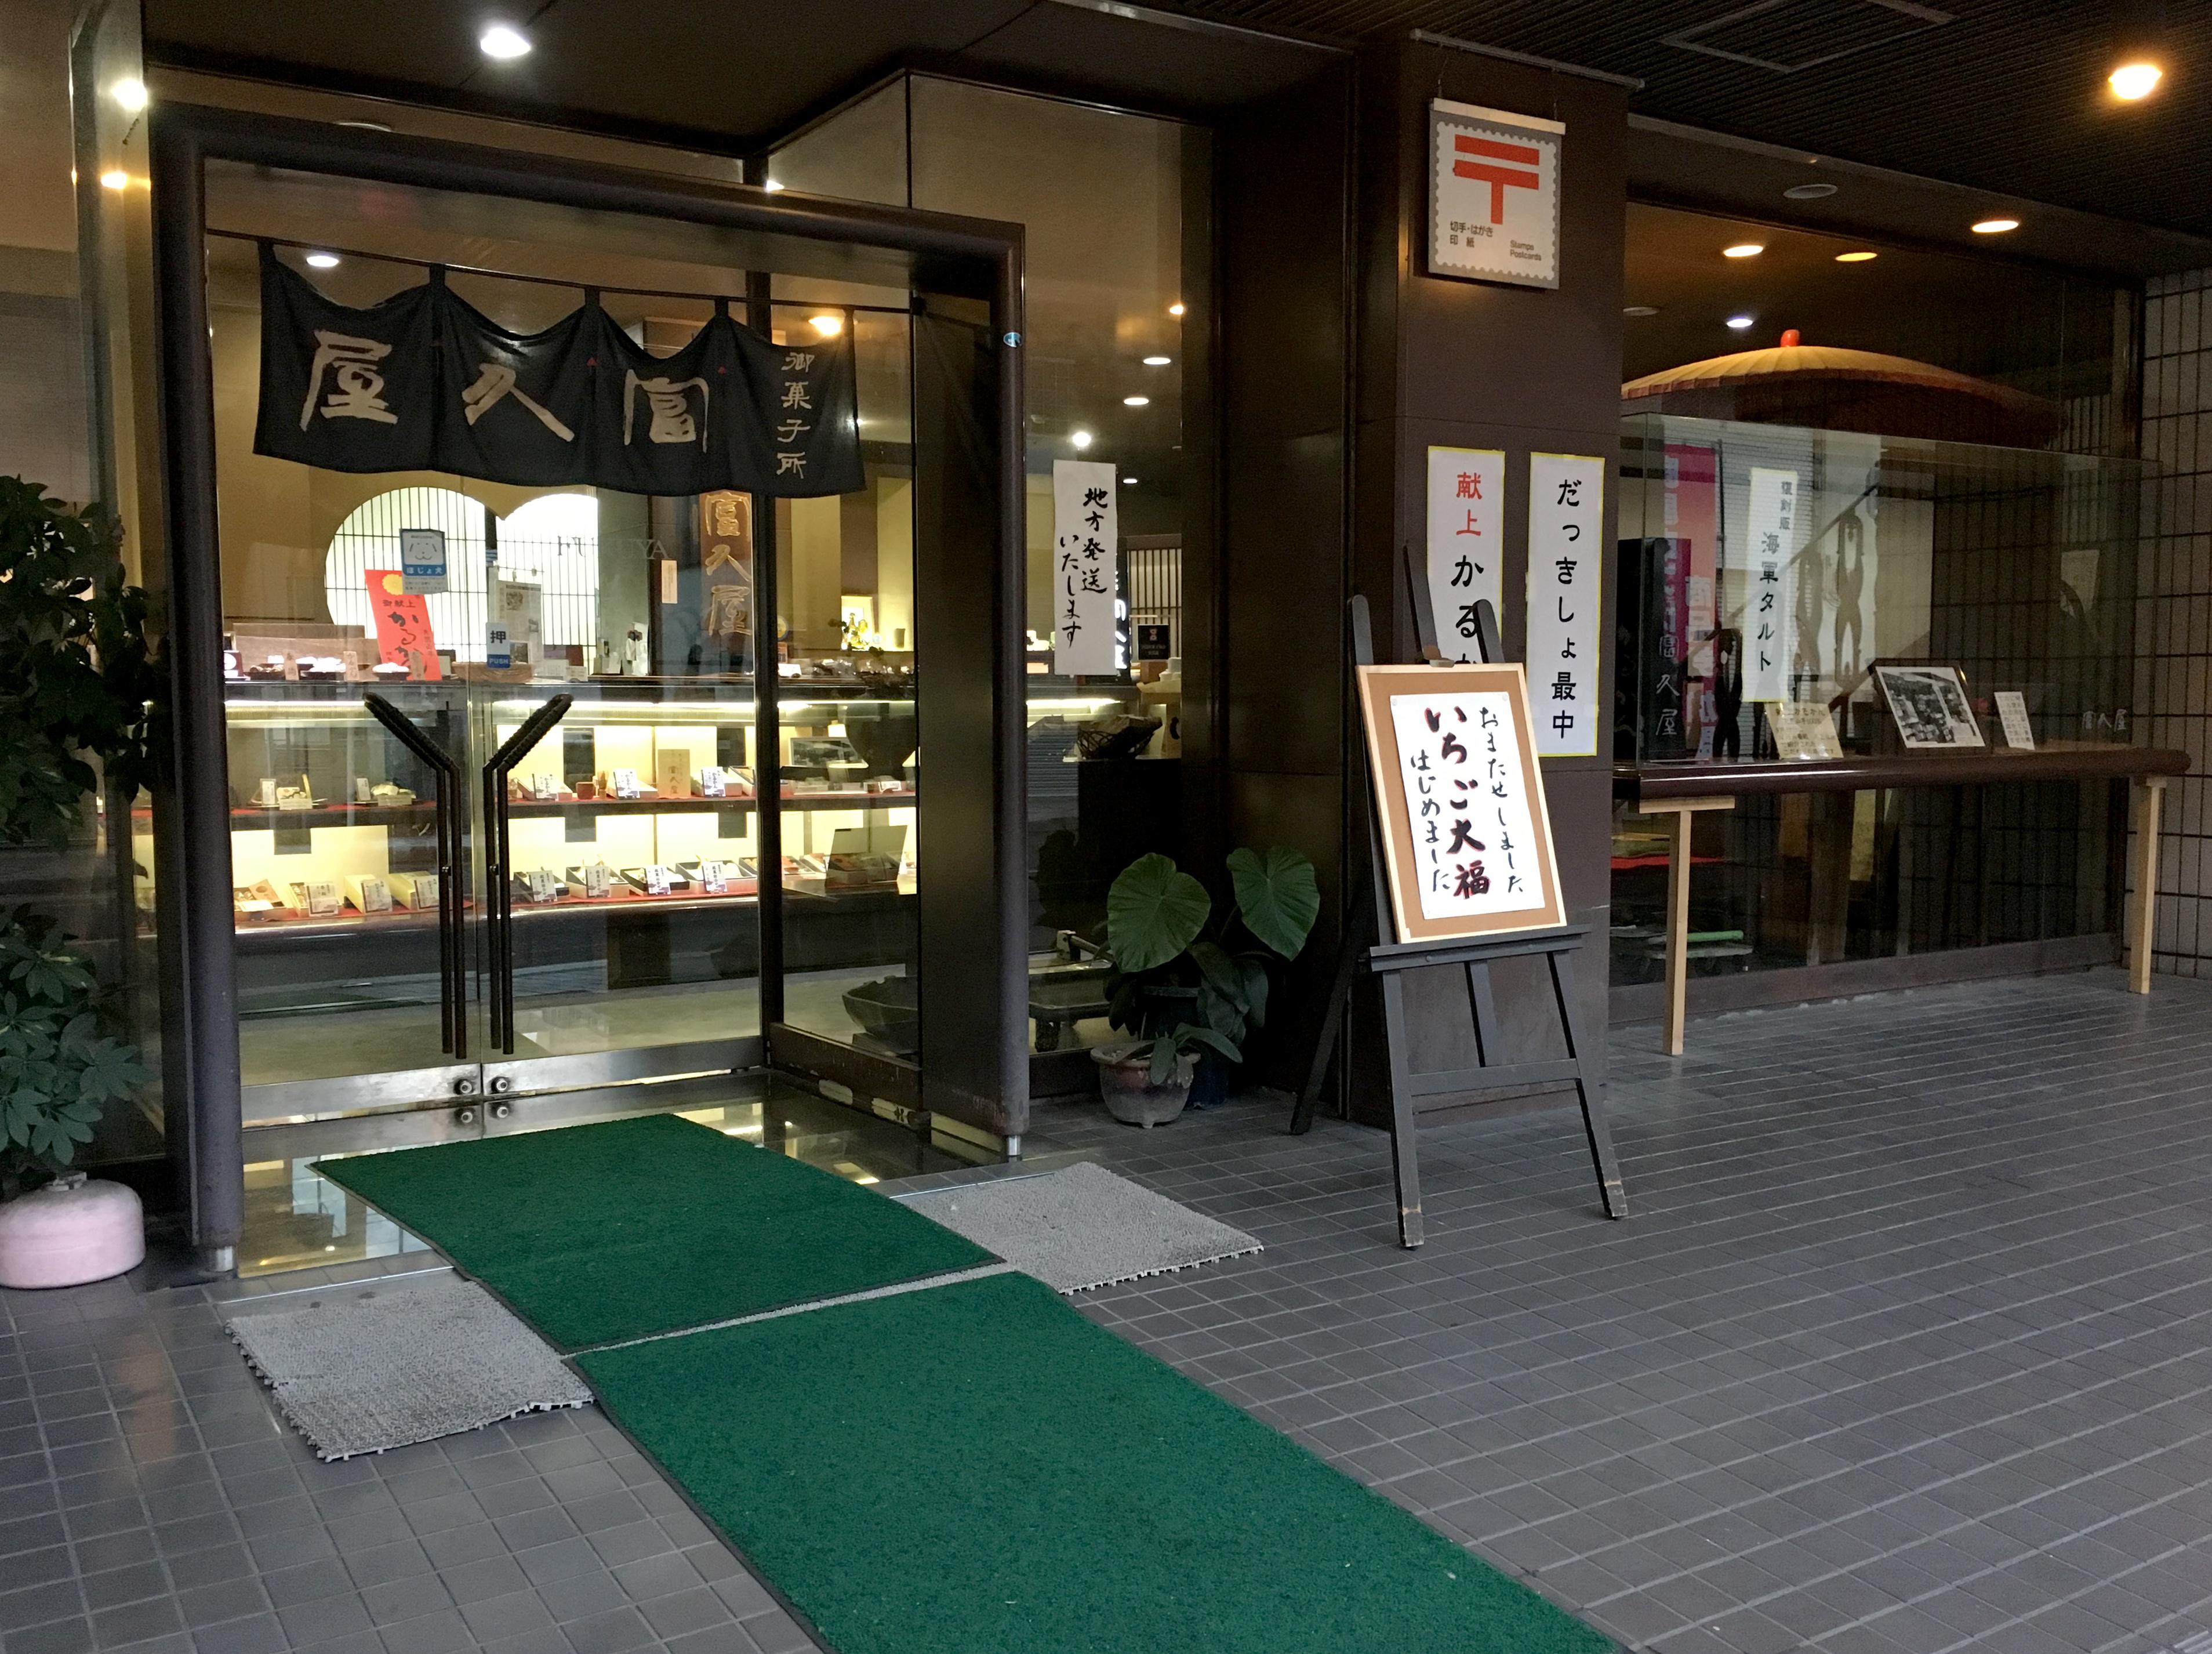 富久屋、home of the famous karukan.